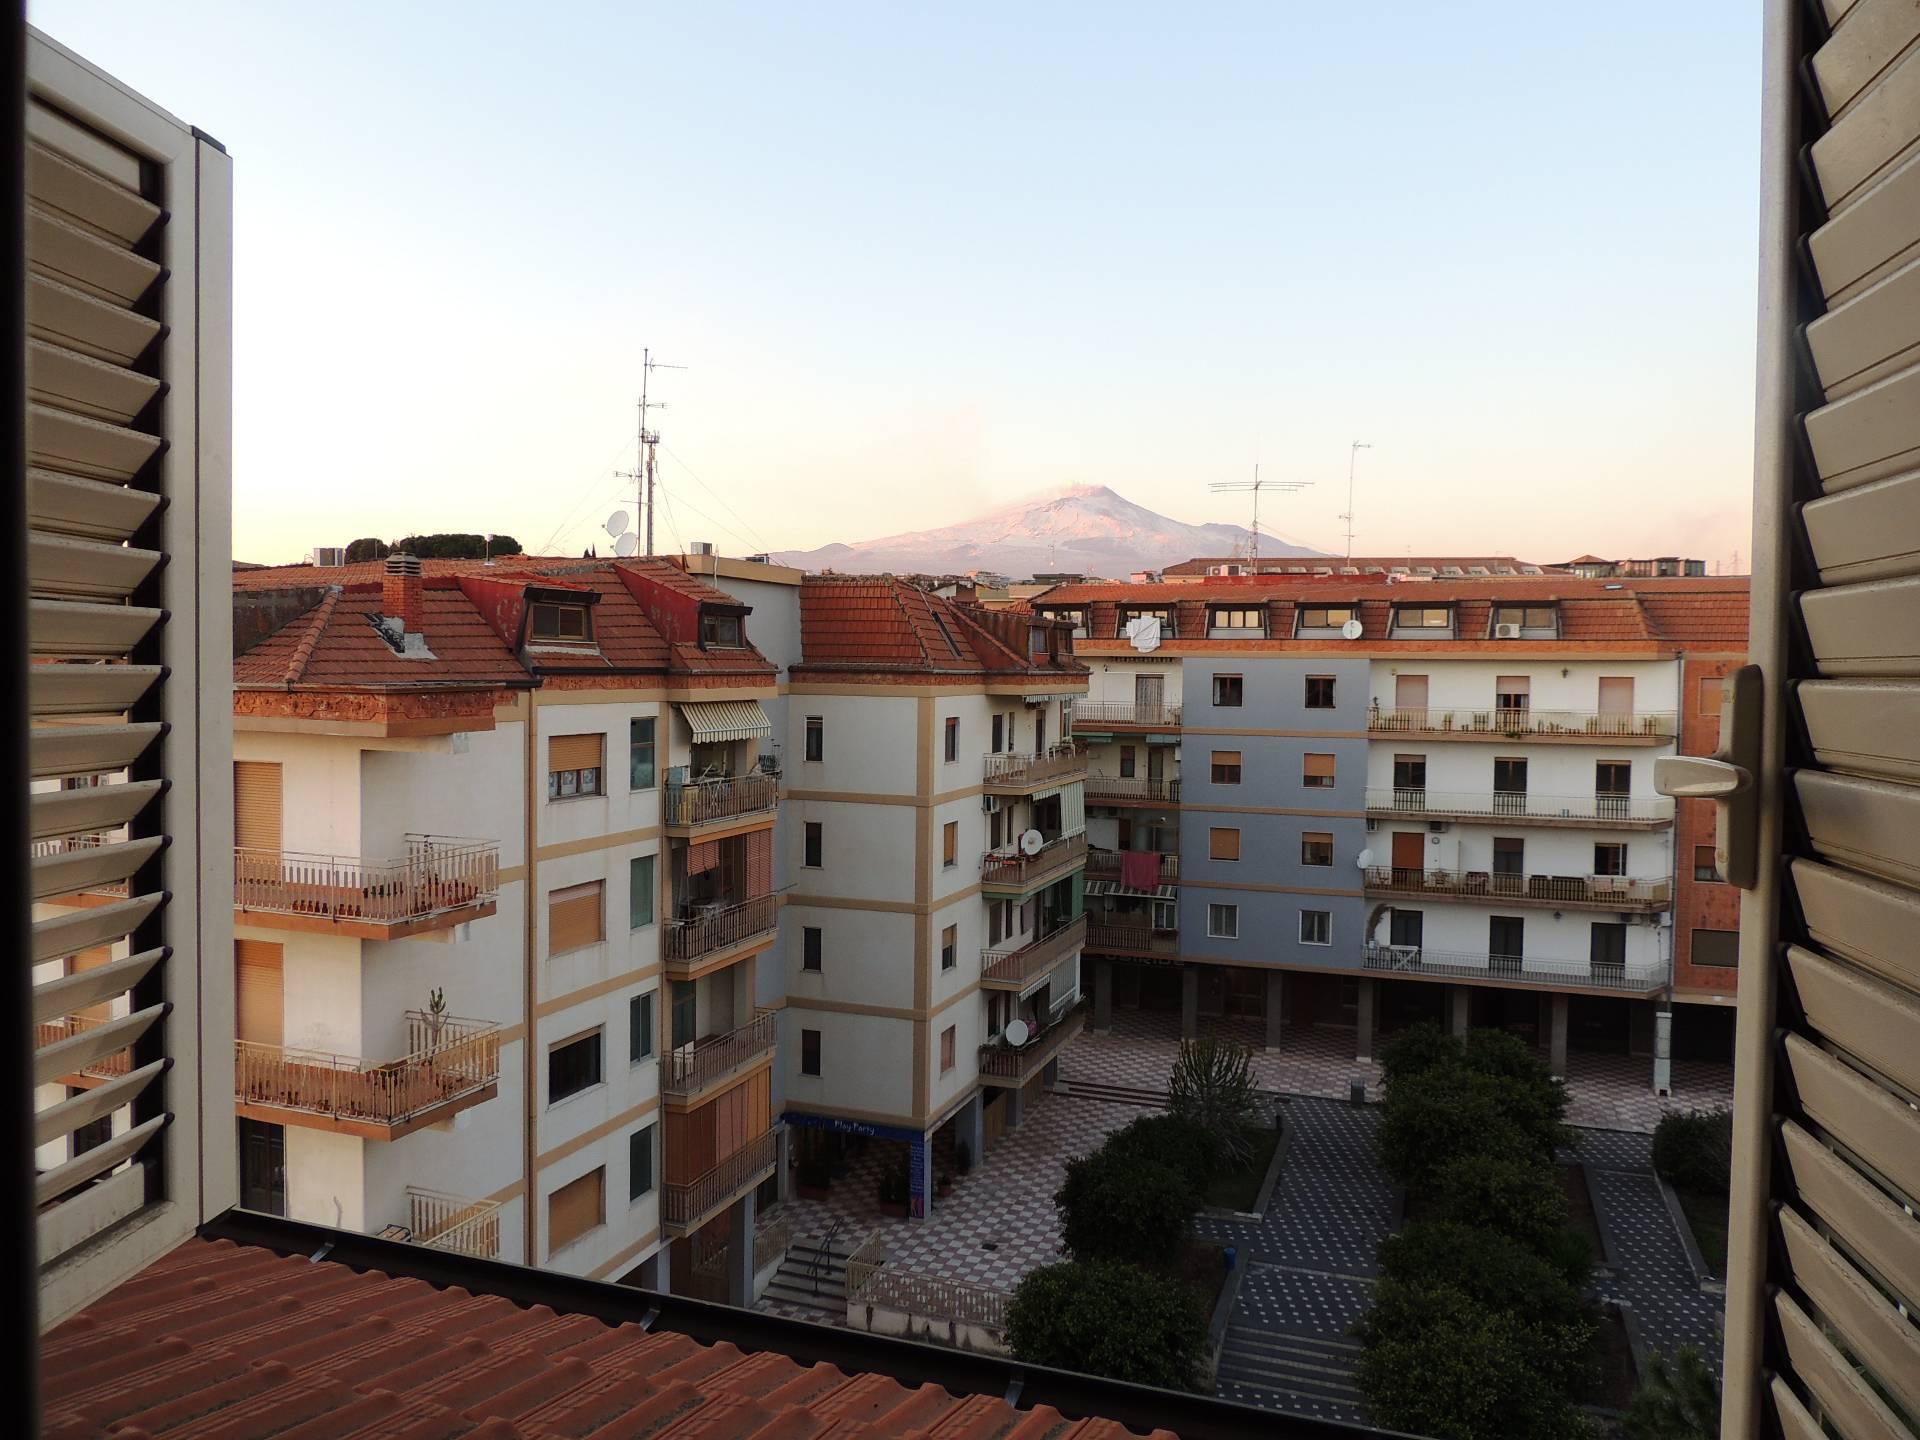 Attico / Mansarda in vendita a Gravina di Catania, 3 locali, zona Località: SanPaolo, prezzo € 155.000 | CambioCasa.it